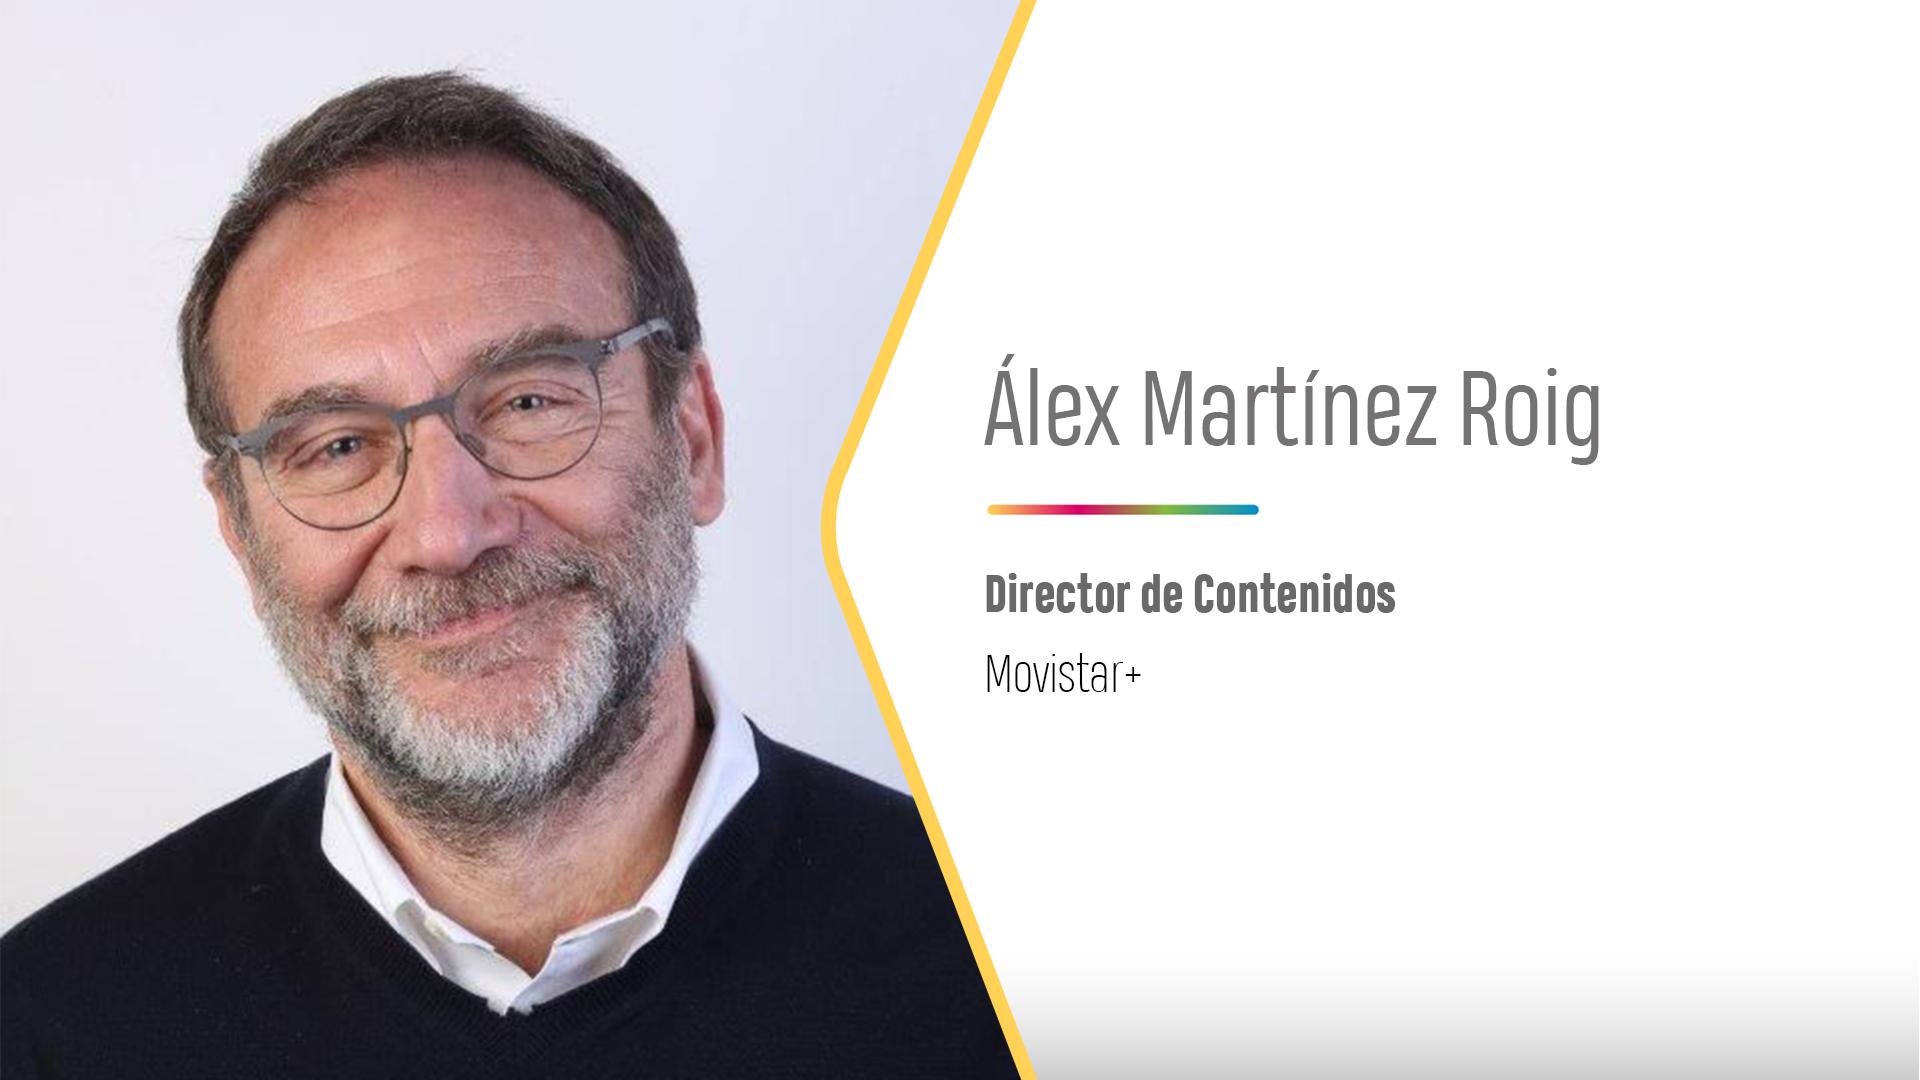 Álex Martínez Roig